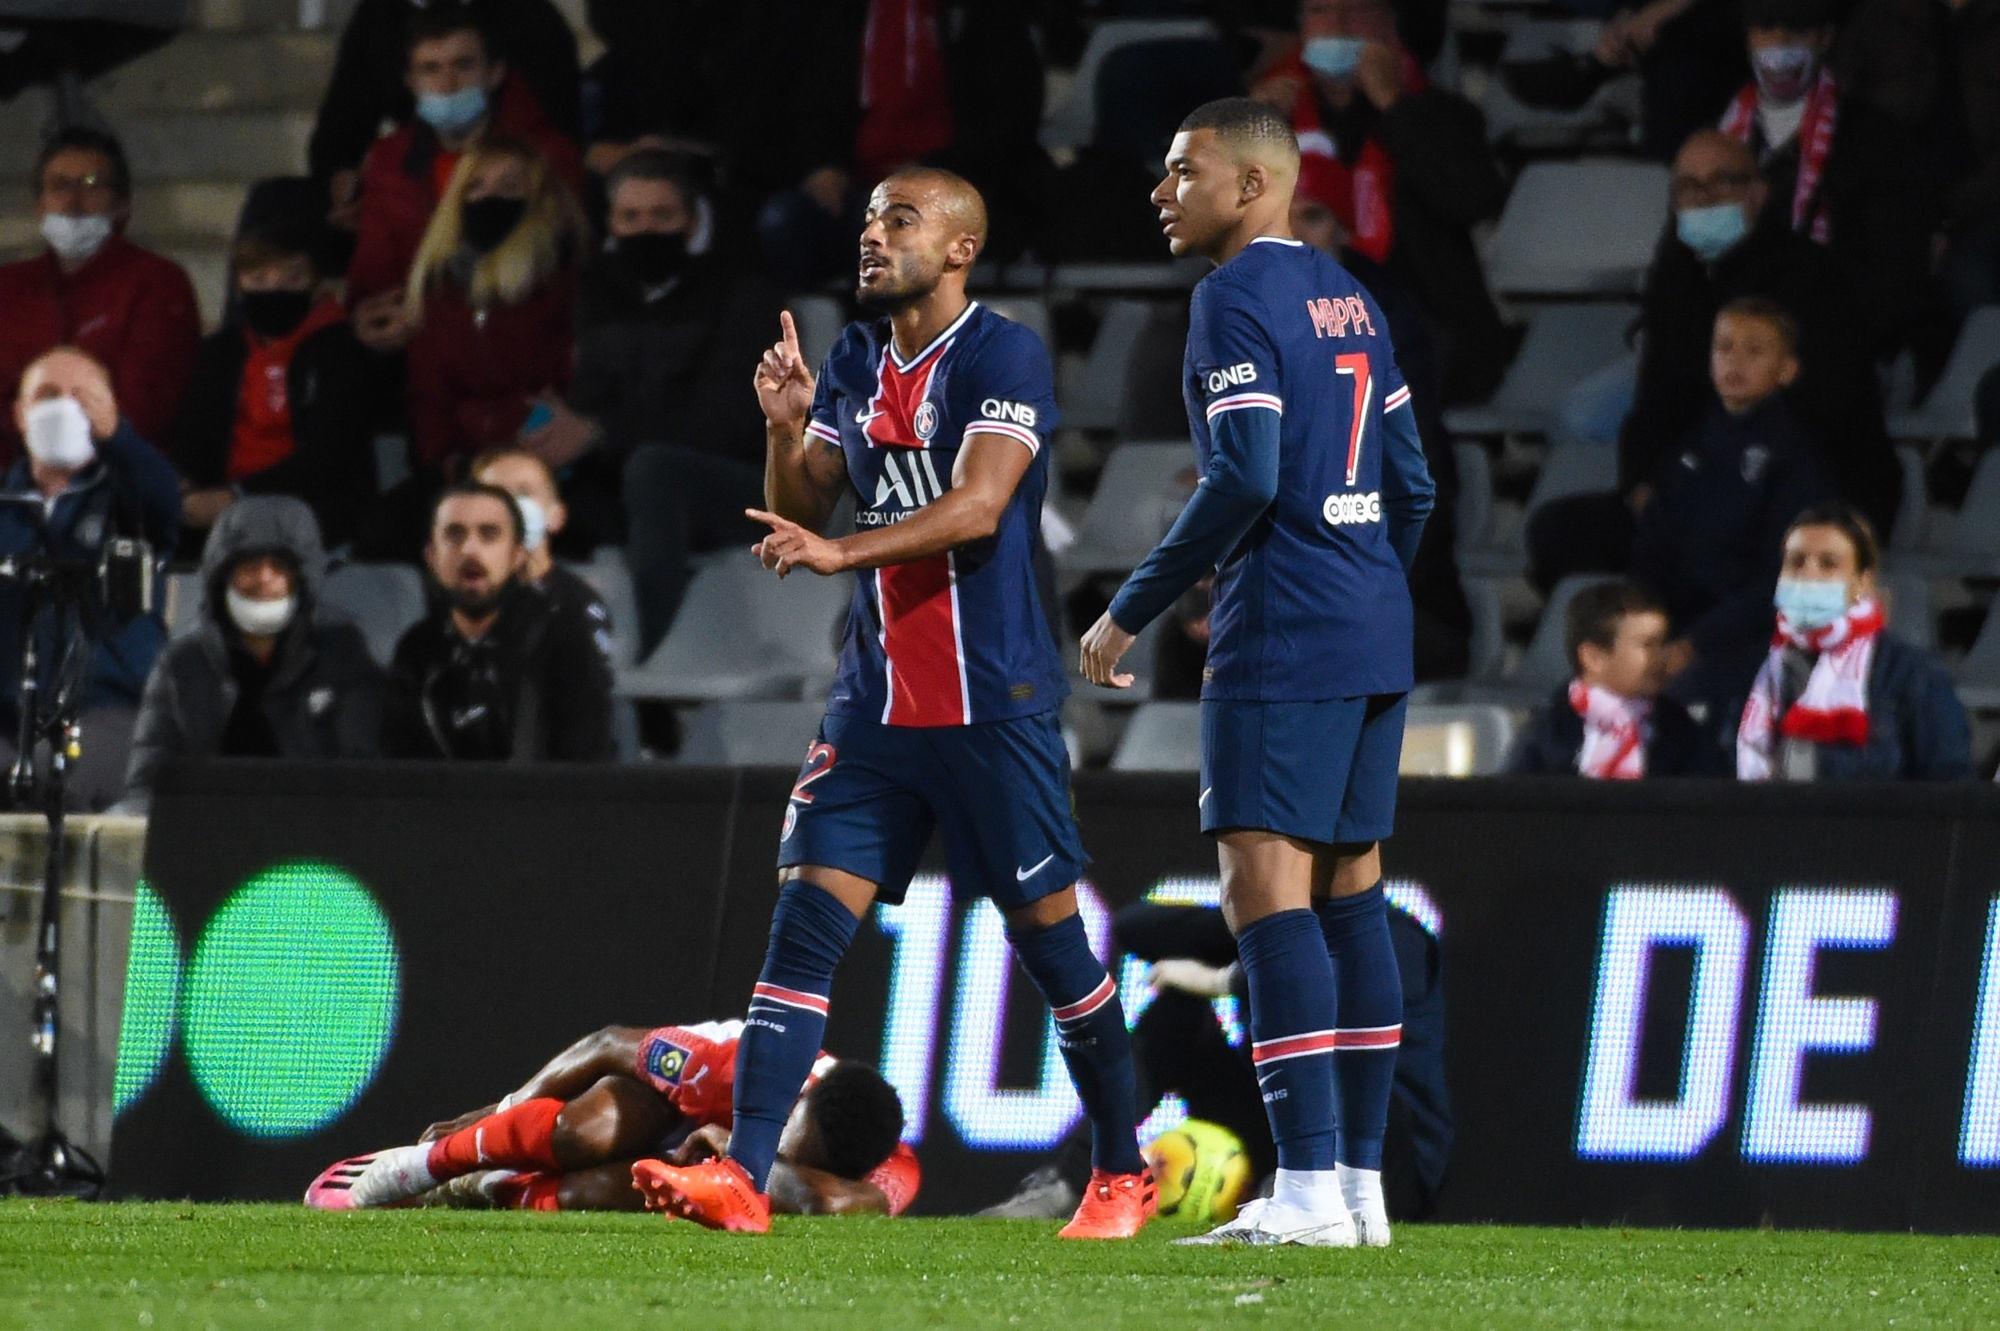 """Nîmes/PSG - Rafinha savoure ses débuts avec Paris """"la victoire était importante"""""""